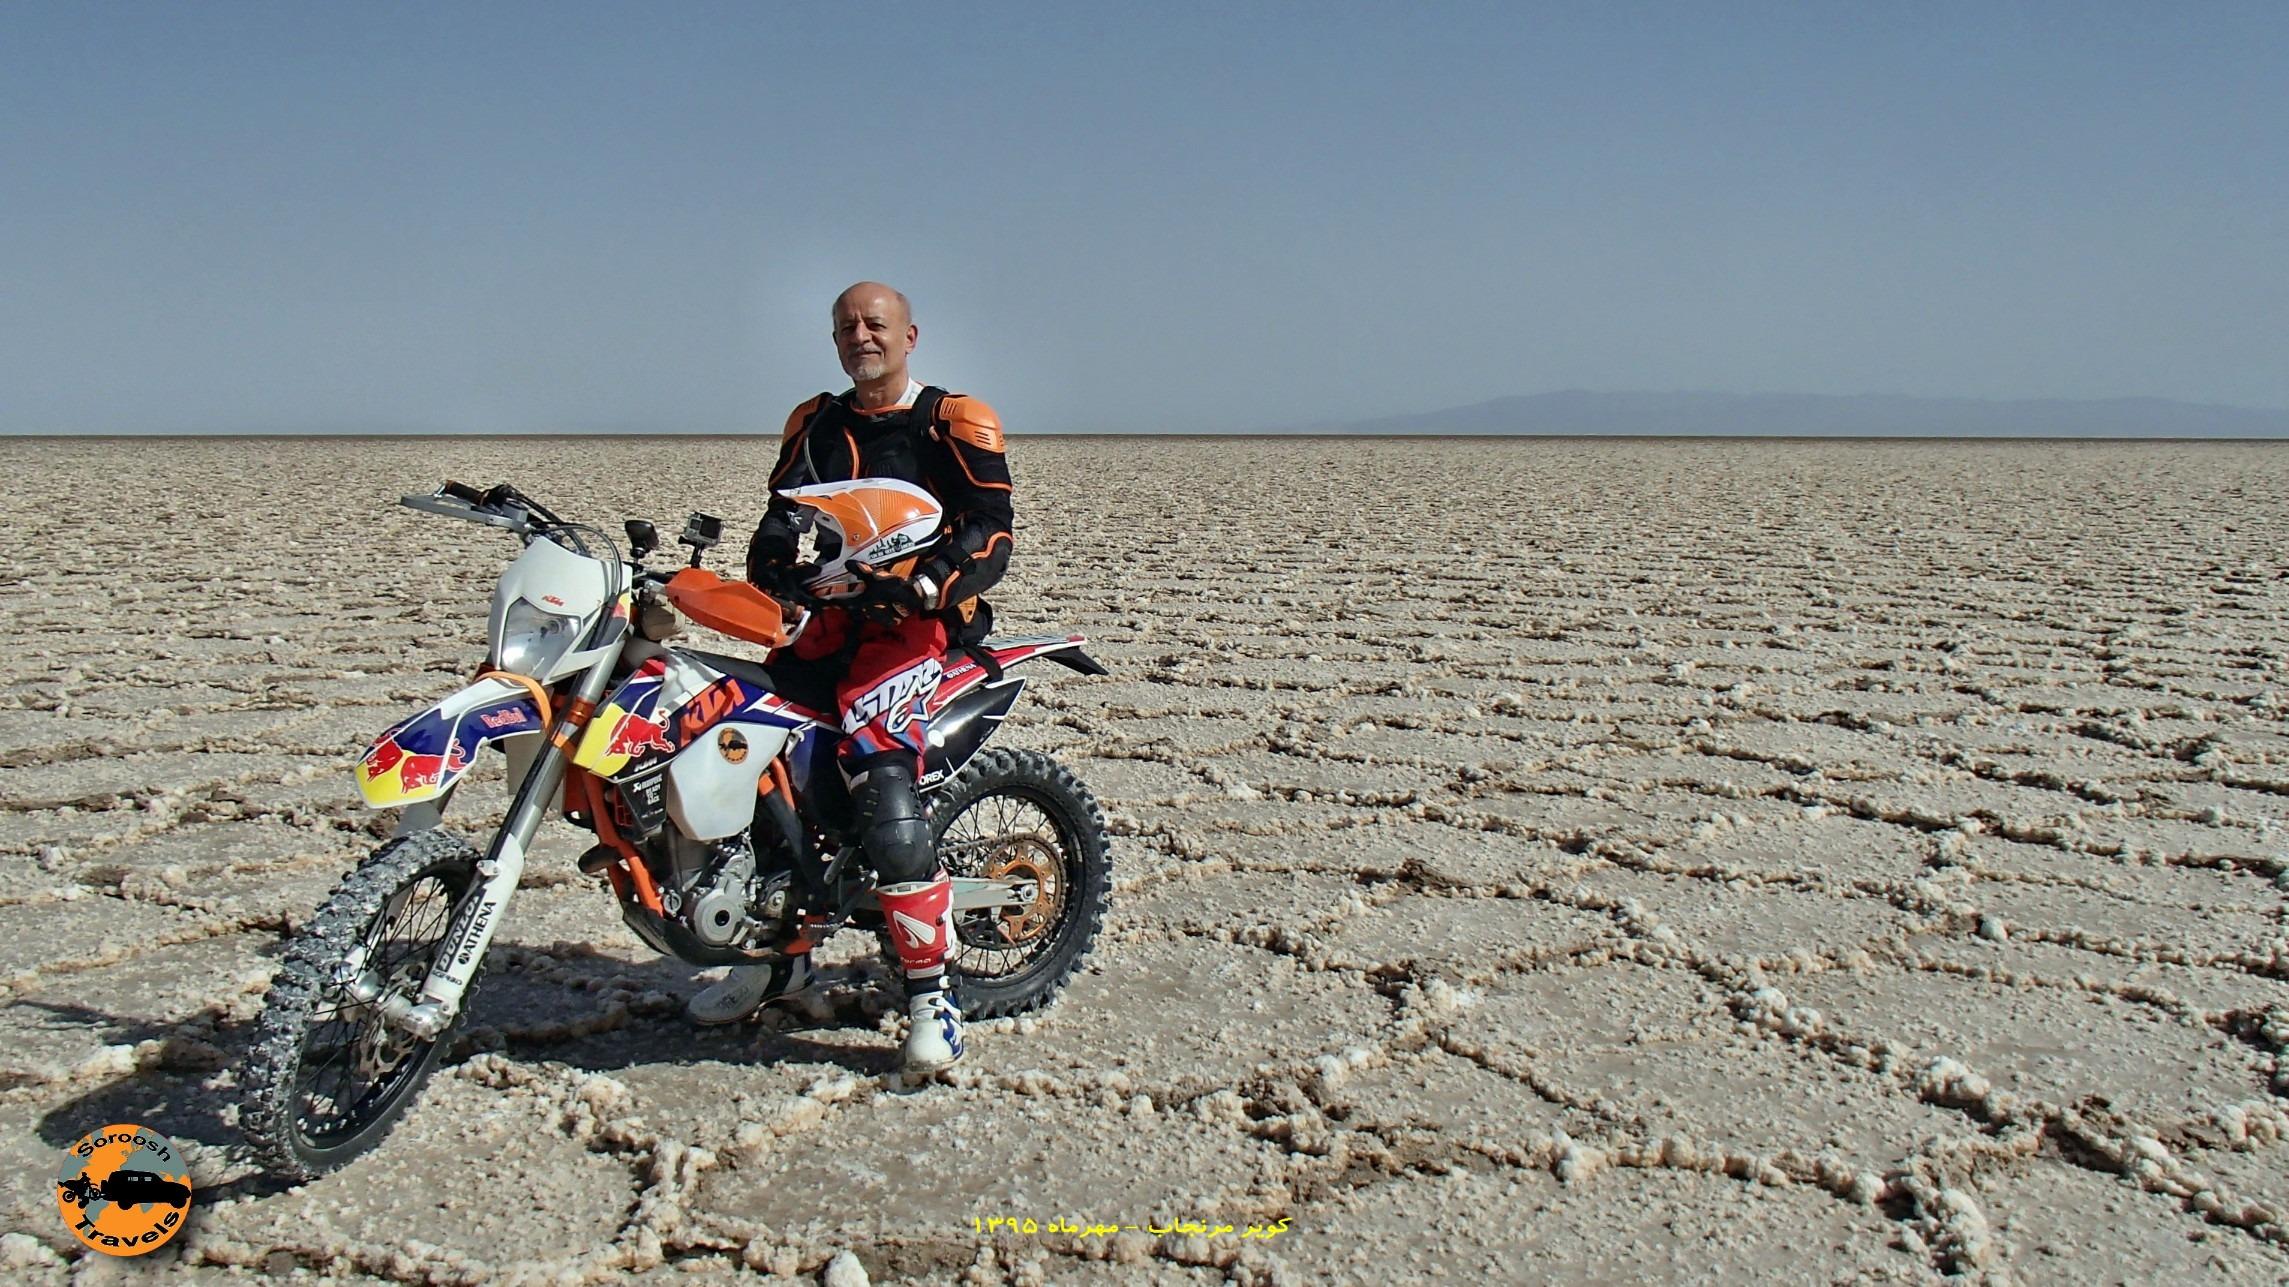 موتورسواری روی دریاچه نمک مرنجاب - مهرماه ۱۳۹۵